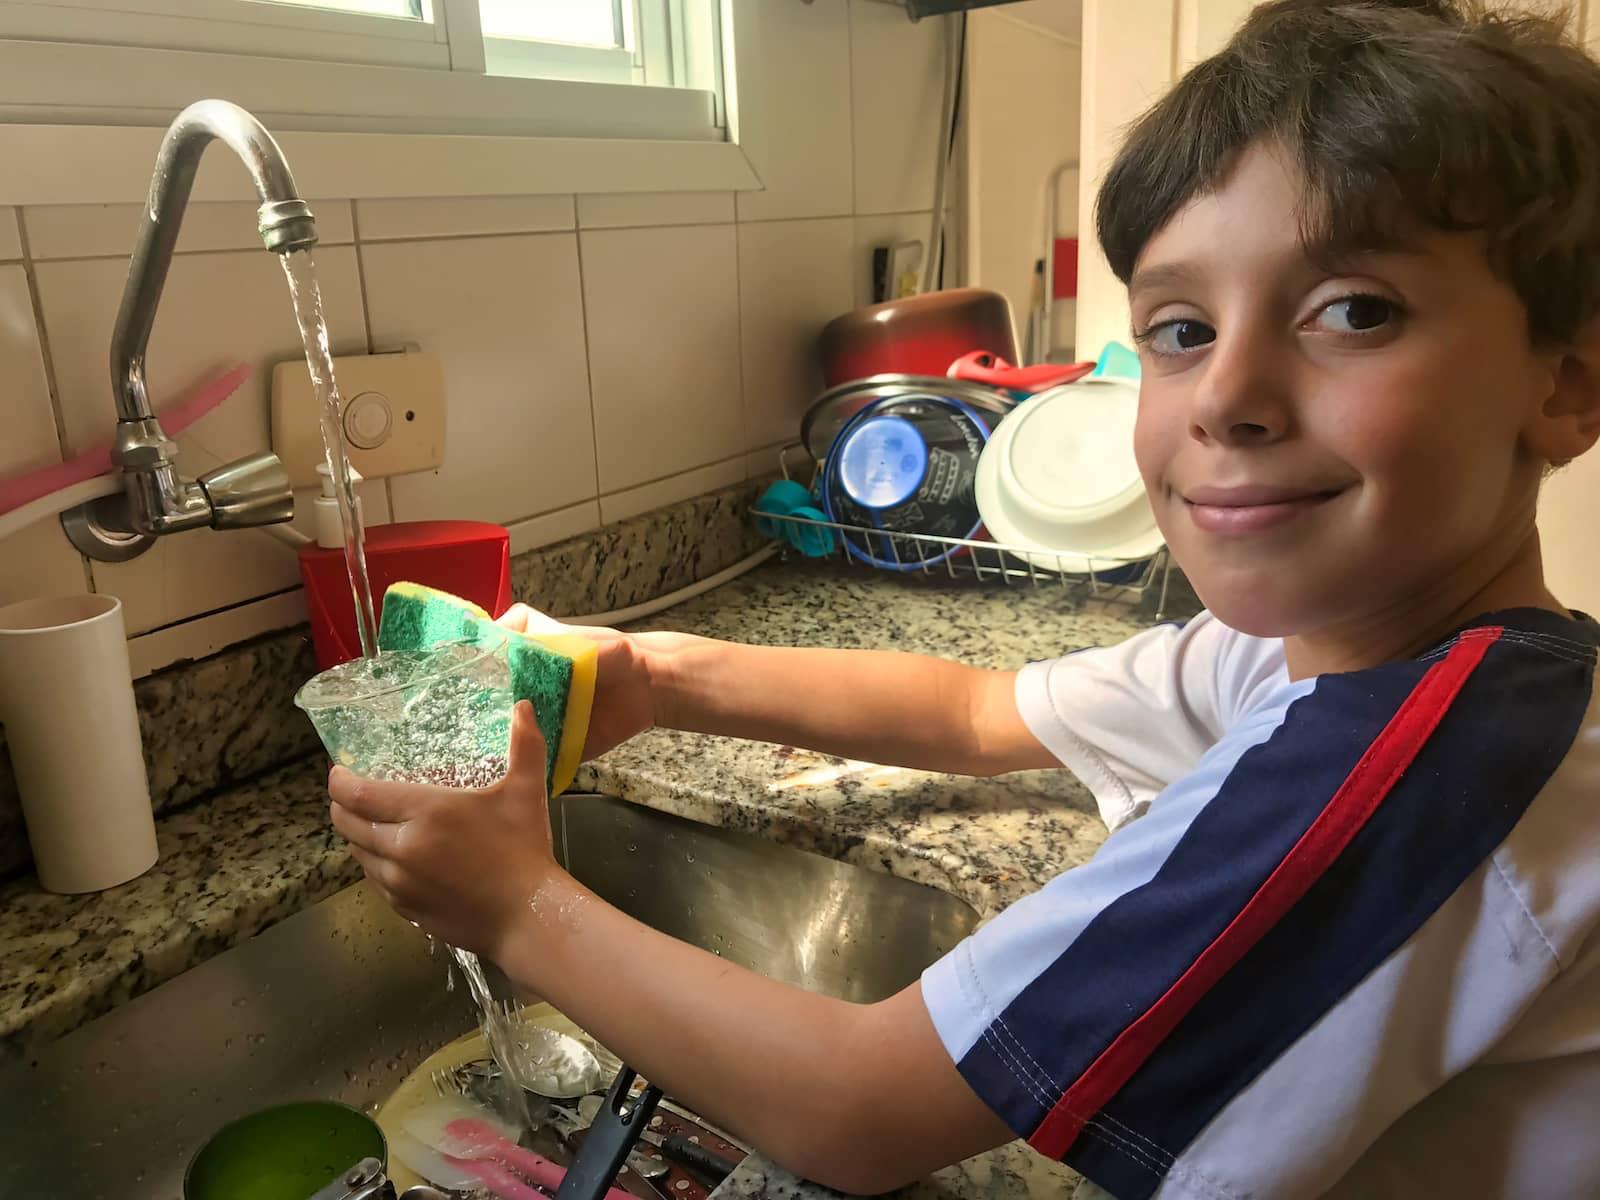 criança lavando a louça